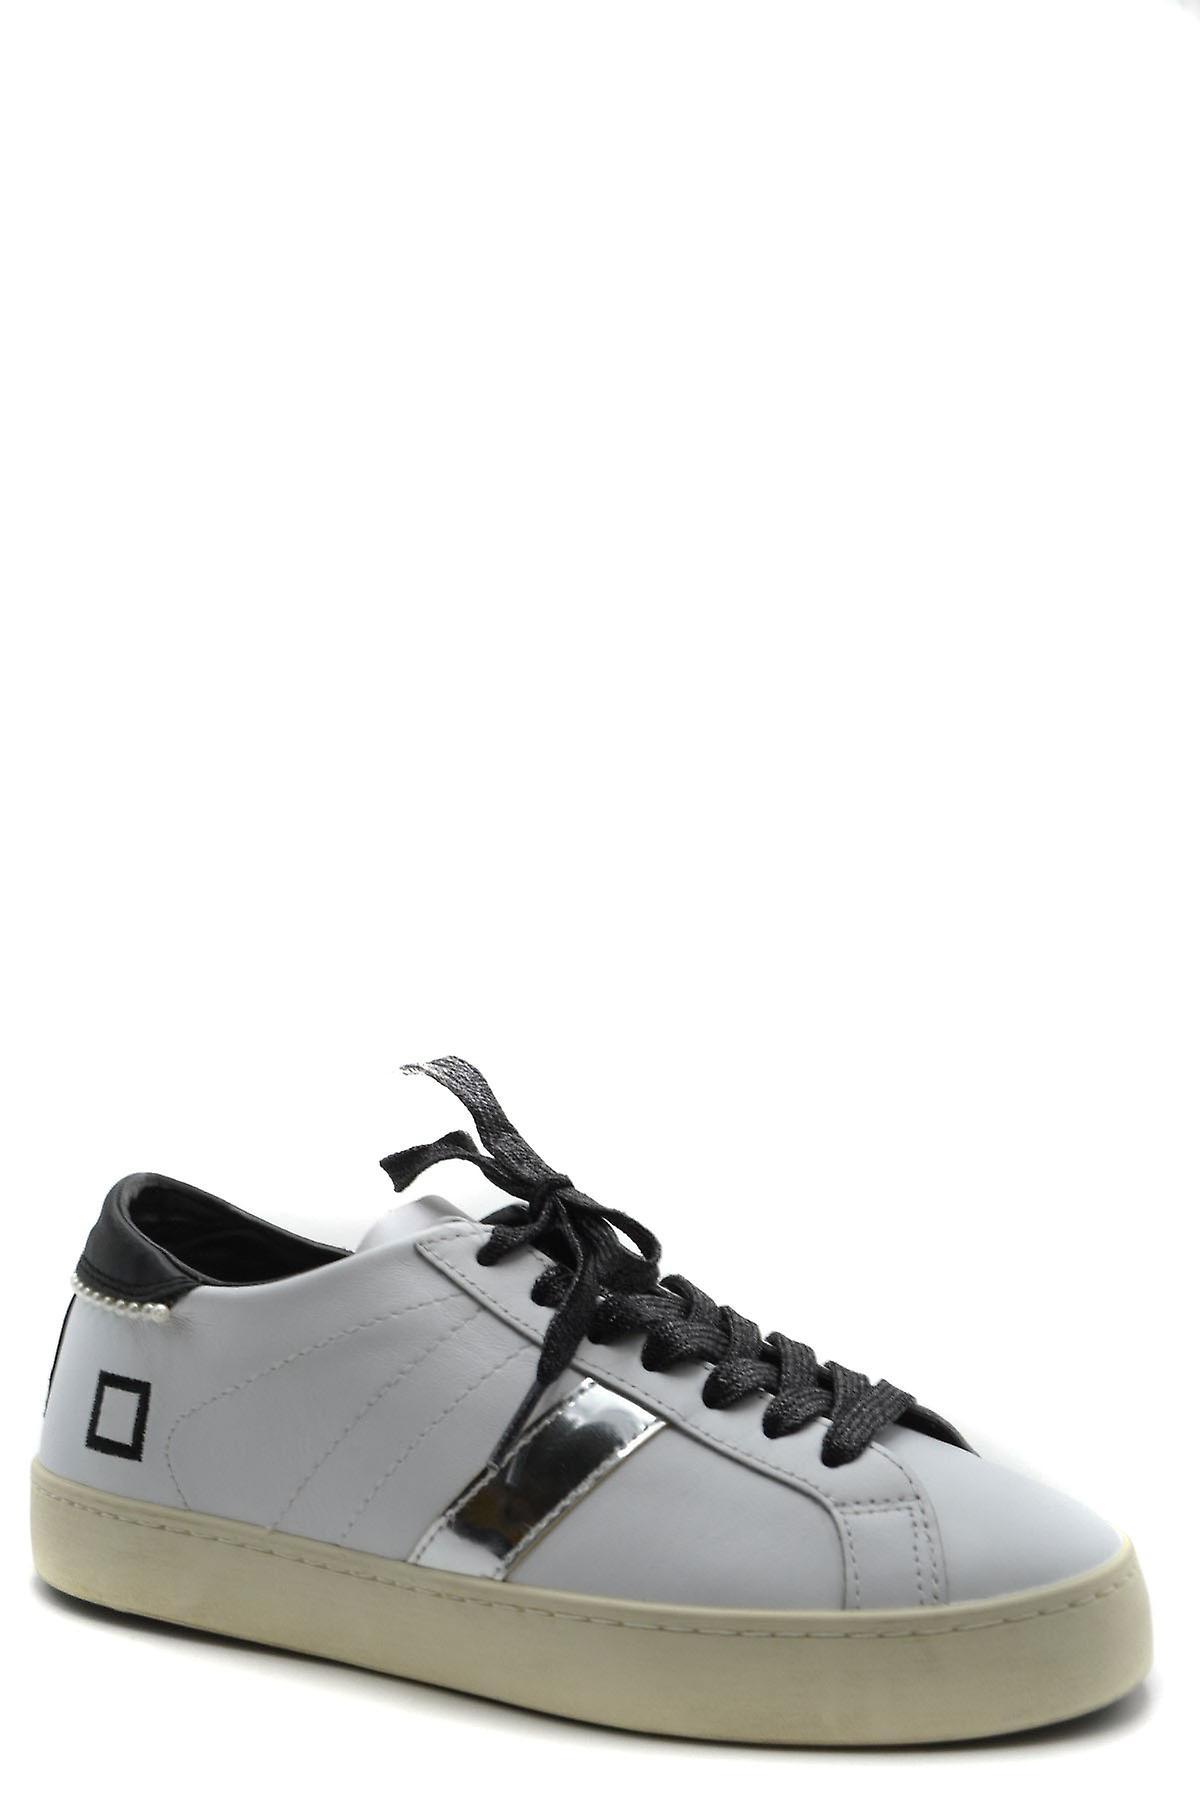 D.a.t.e. Ezbc177023 Women's White Leather Sneakers